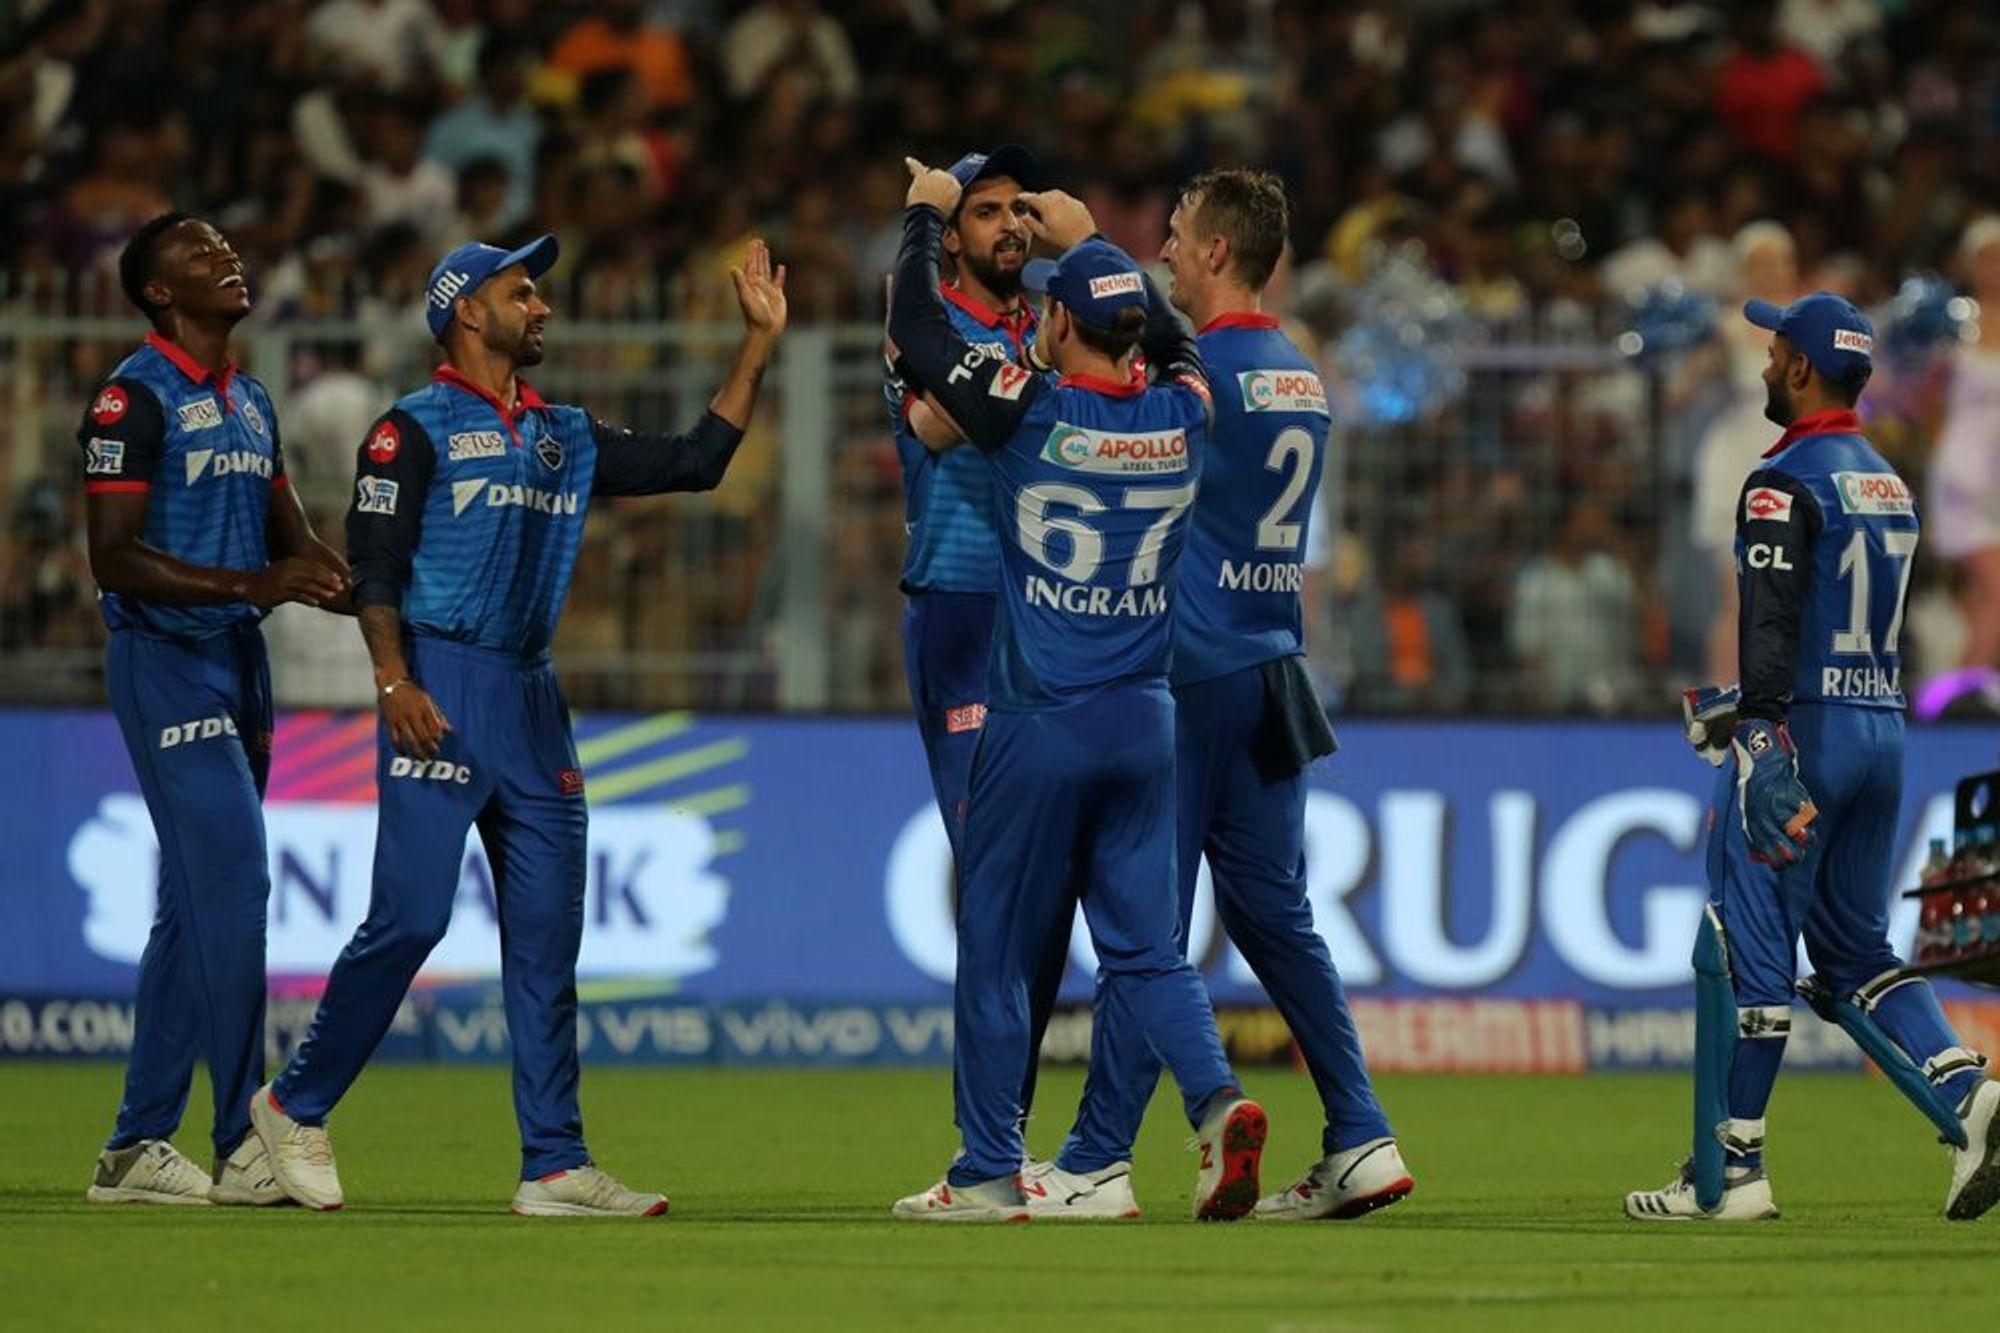 KKRvsDC : मैच के बाद ऋषभ पंत ने बताया विकेट होने के बाद भी क्यों अंत तक की धीमी बल्लेबाजी 2